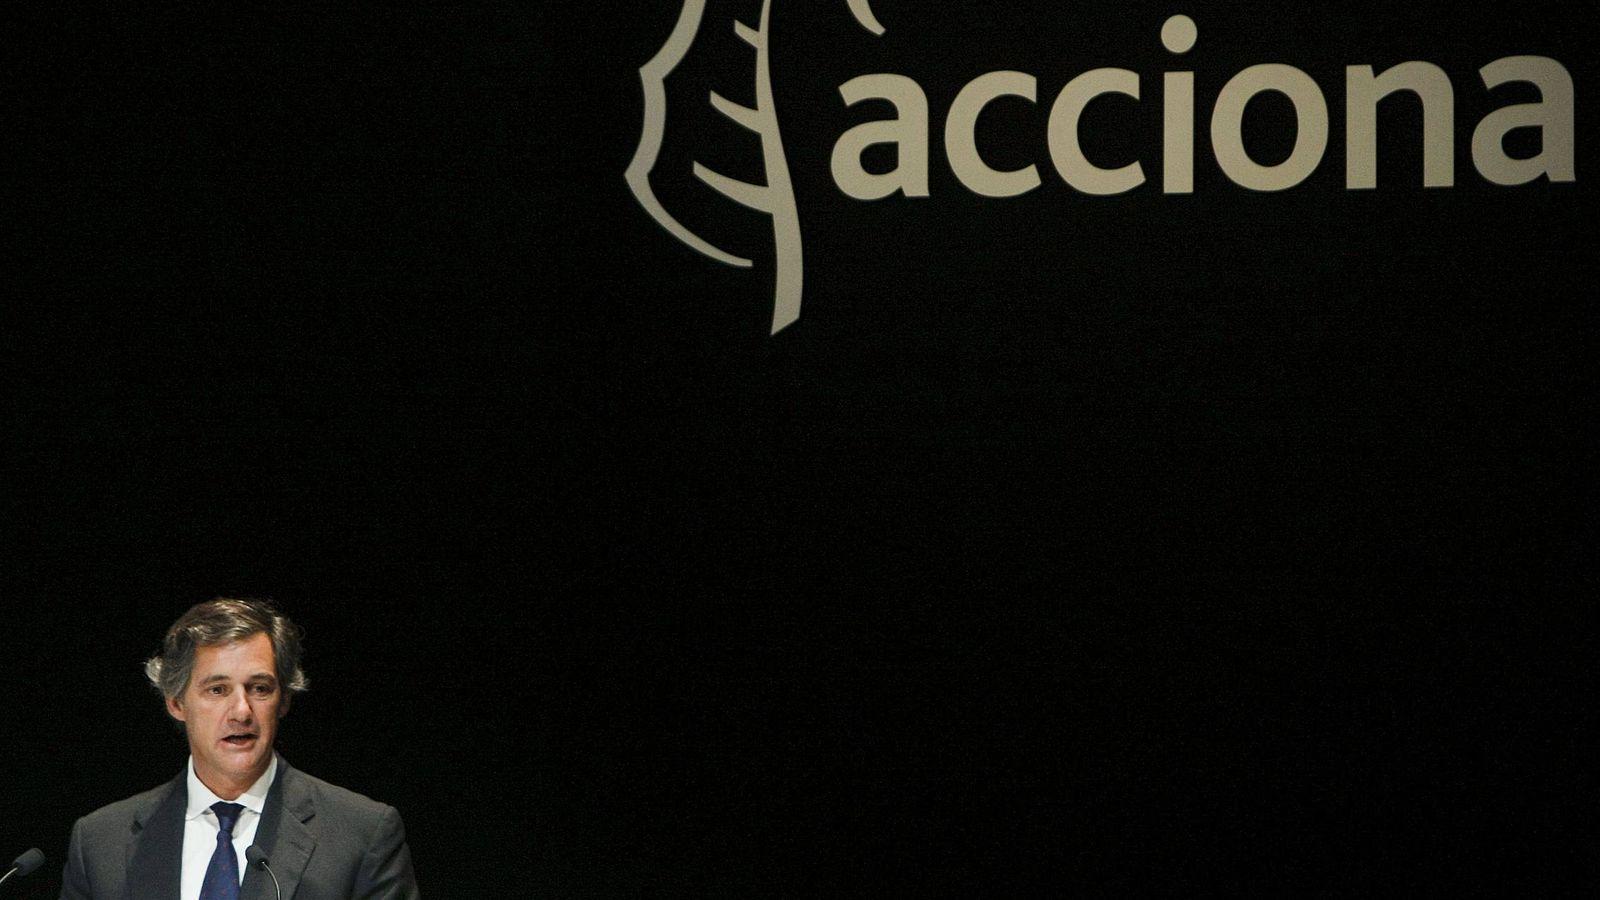 Foto: El presidente de Acciona, José Manuel Entrecanales (Efe)